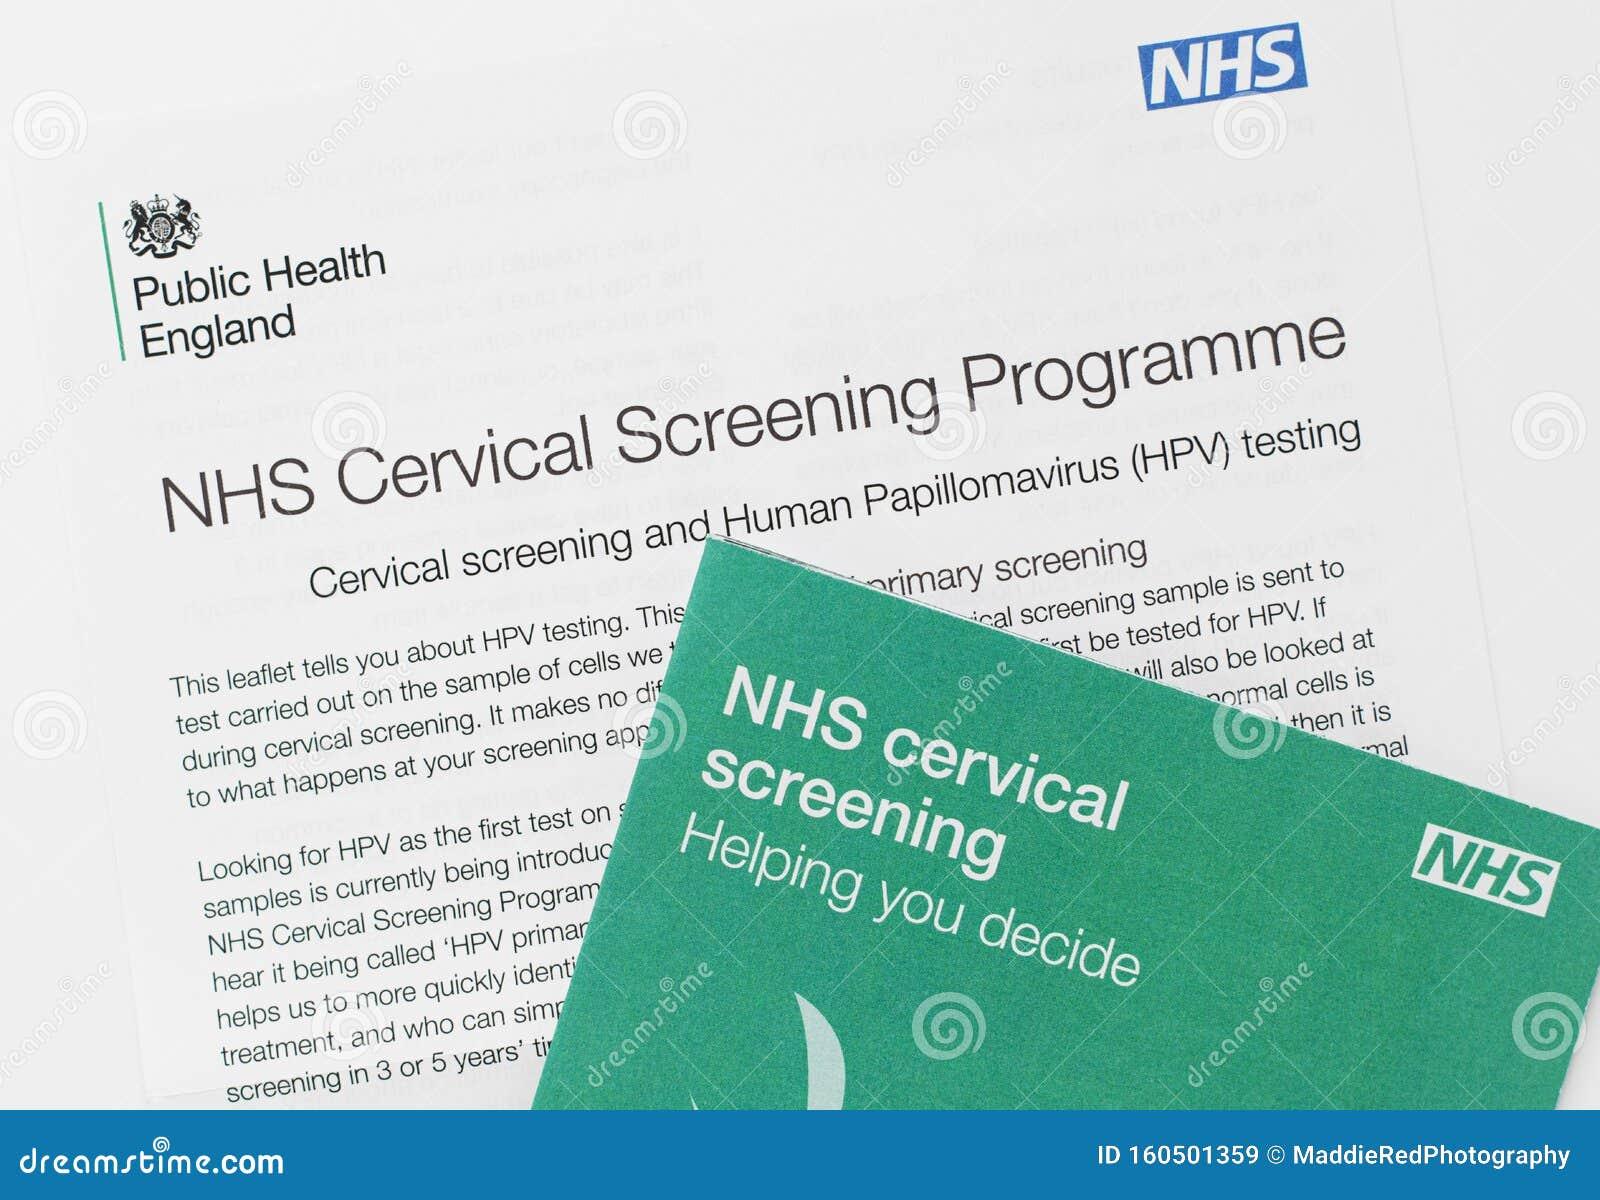 Wart treatment london drugs - Papillomavirus traitement pour les hommes